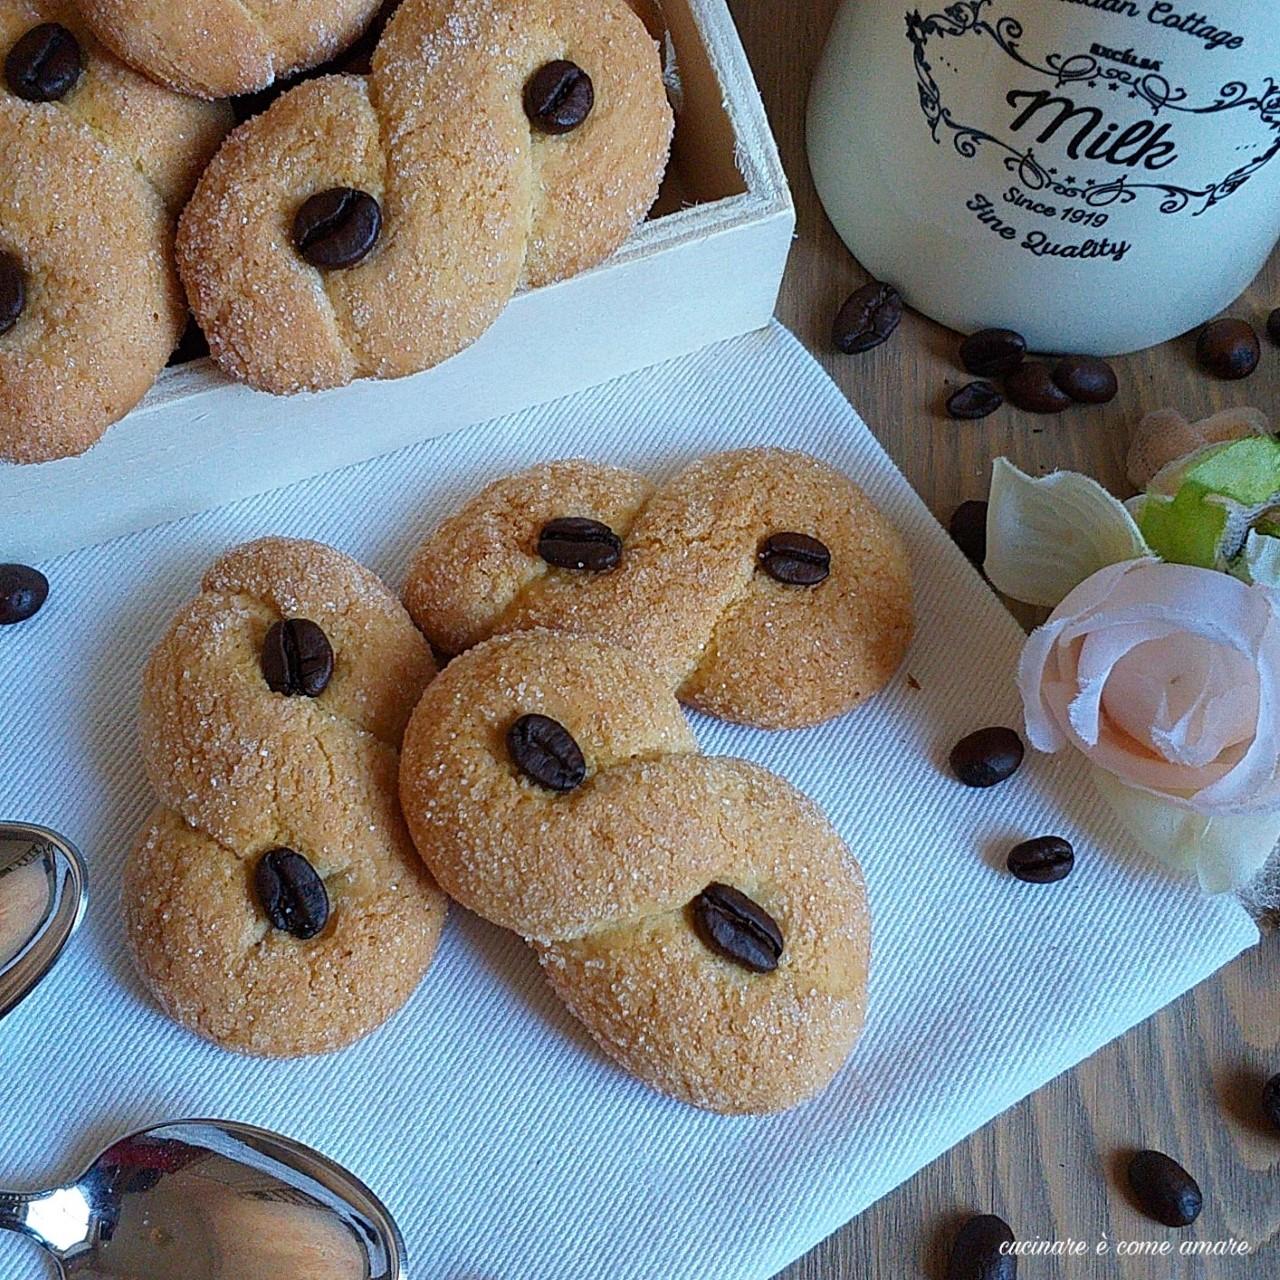 biscotto intreccio al caffè